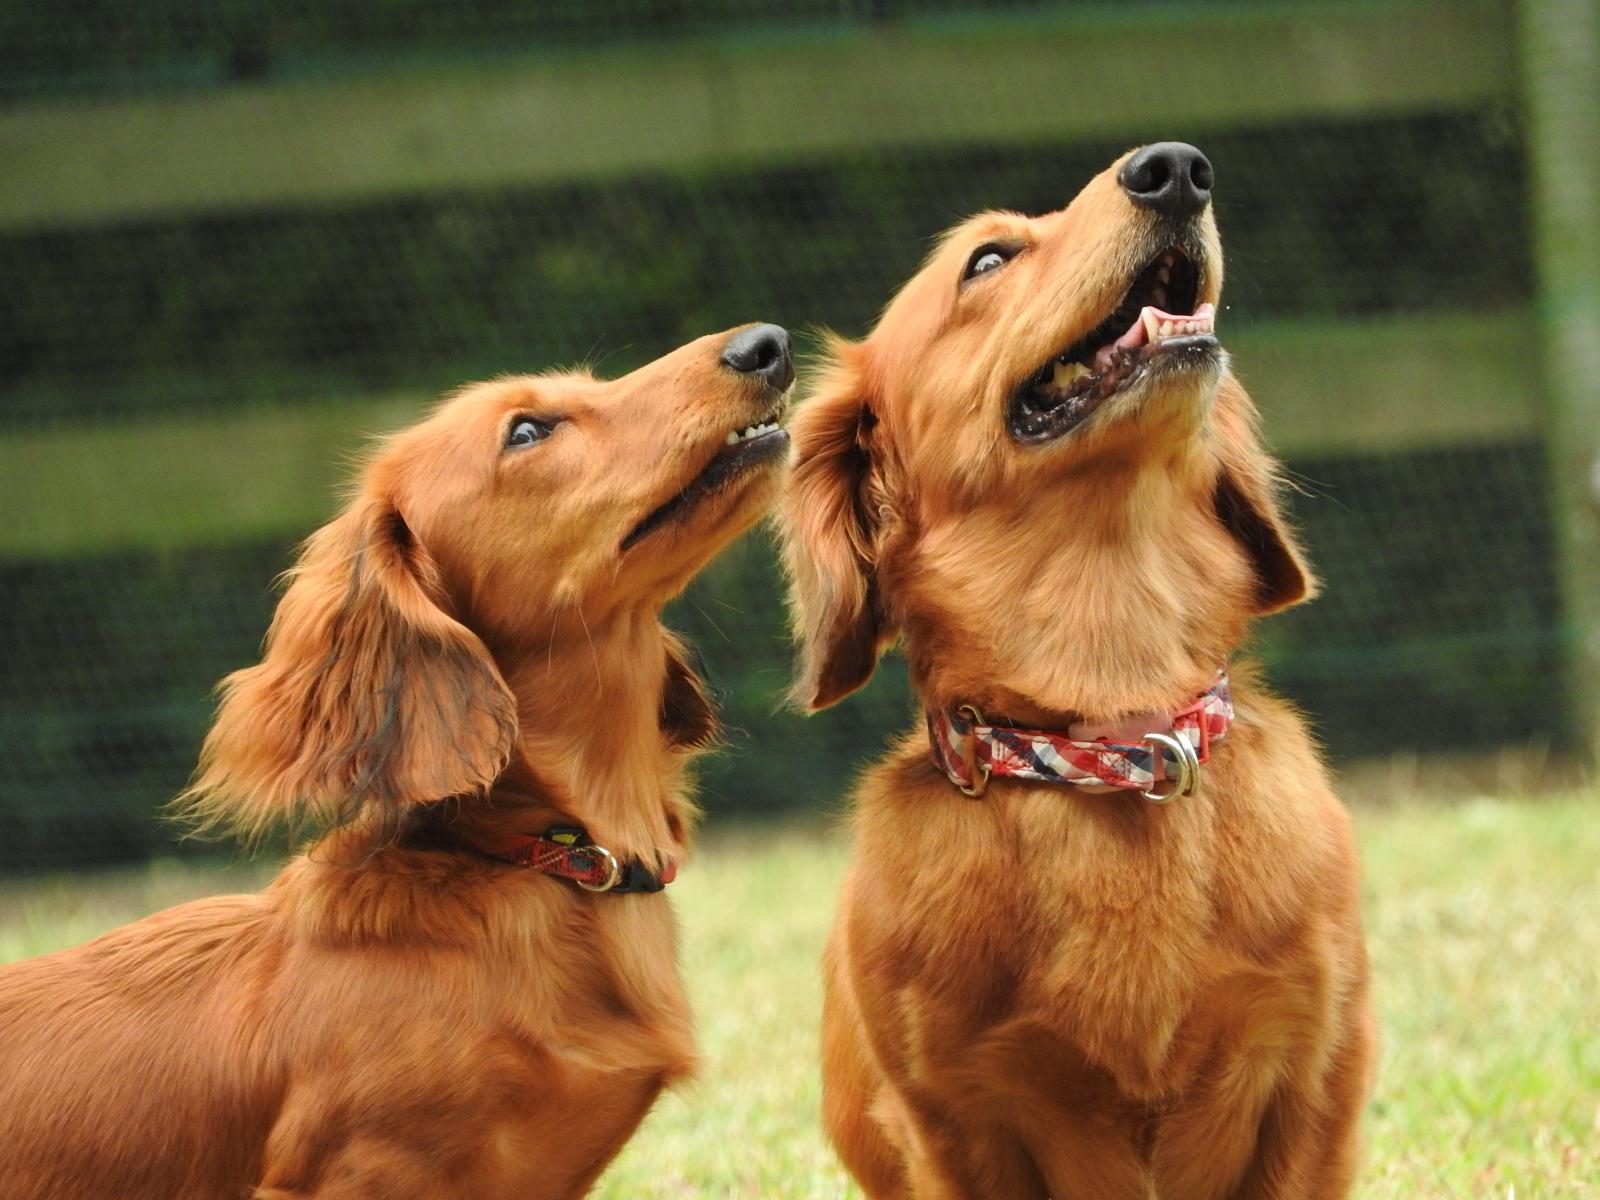 【不思議】狂犬病発症確認の第一報配信がいったん削除された理由